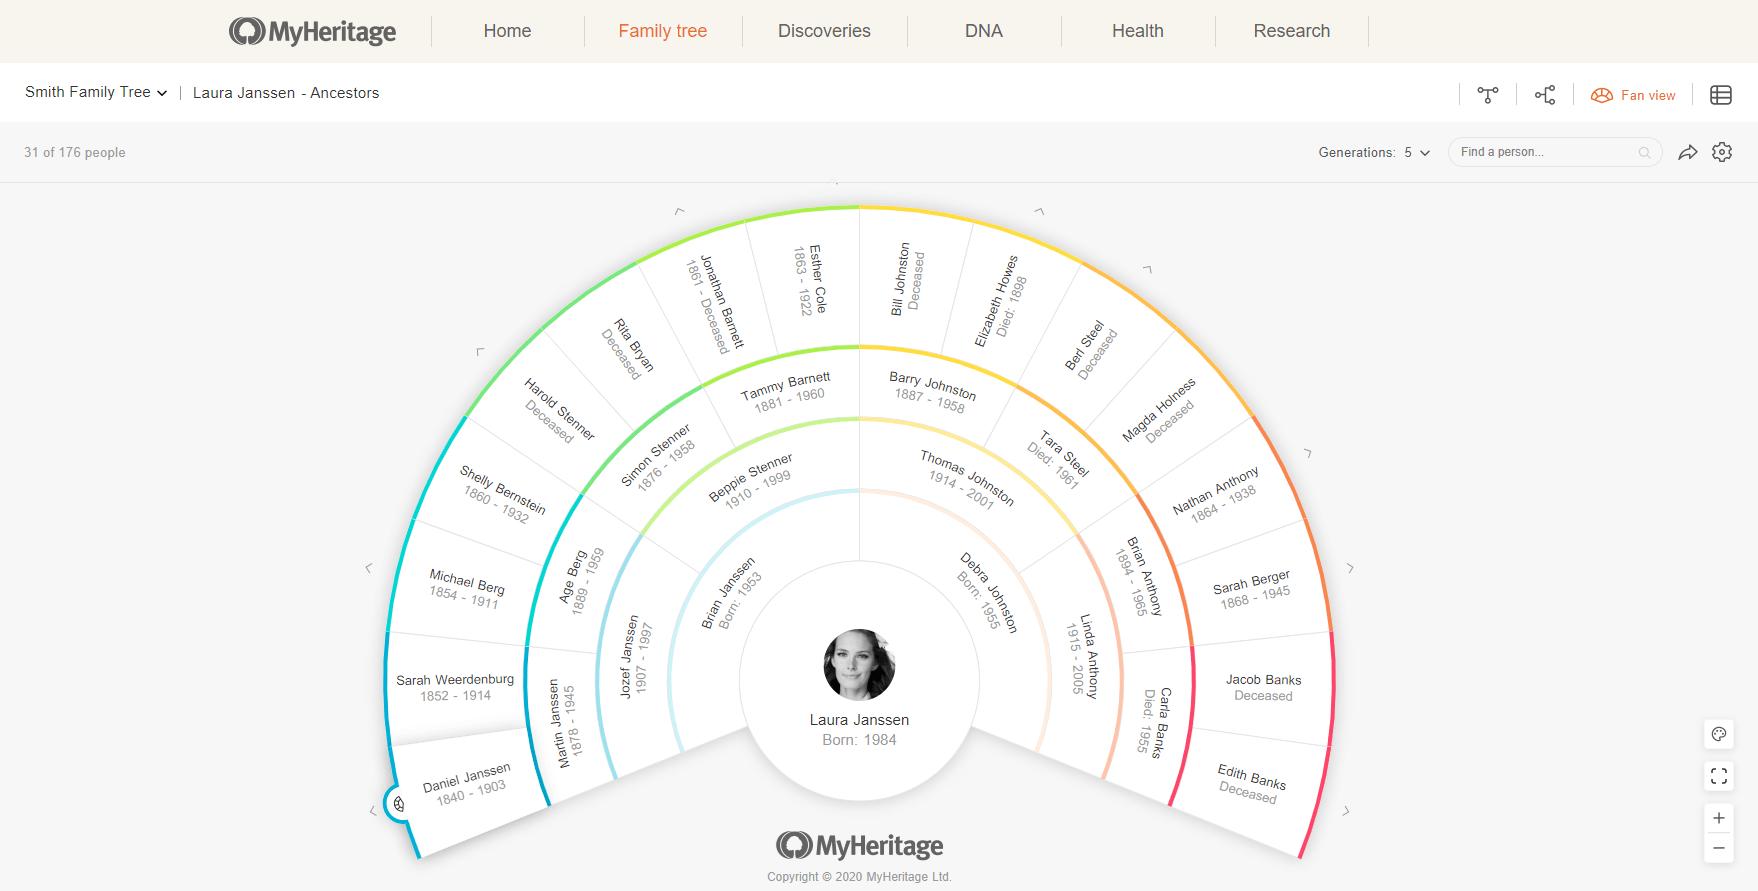 Aproveitando ao máximo as diferentes visualizações de árvores no MyHeritage